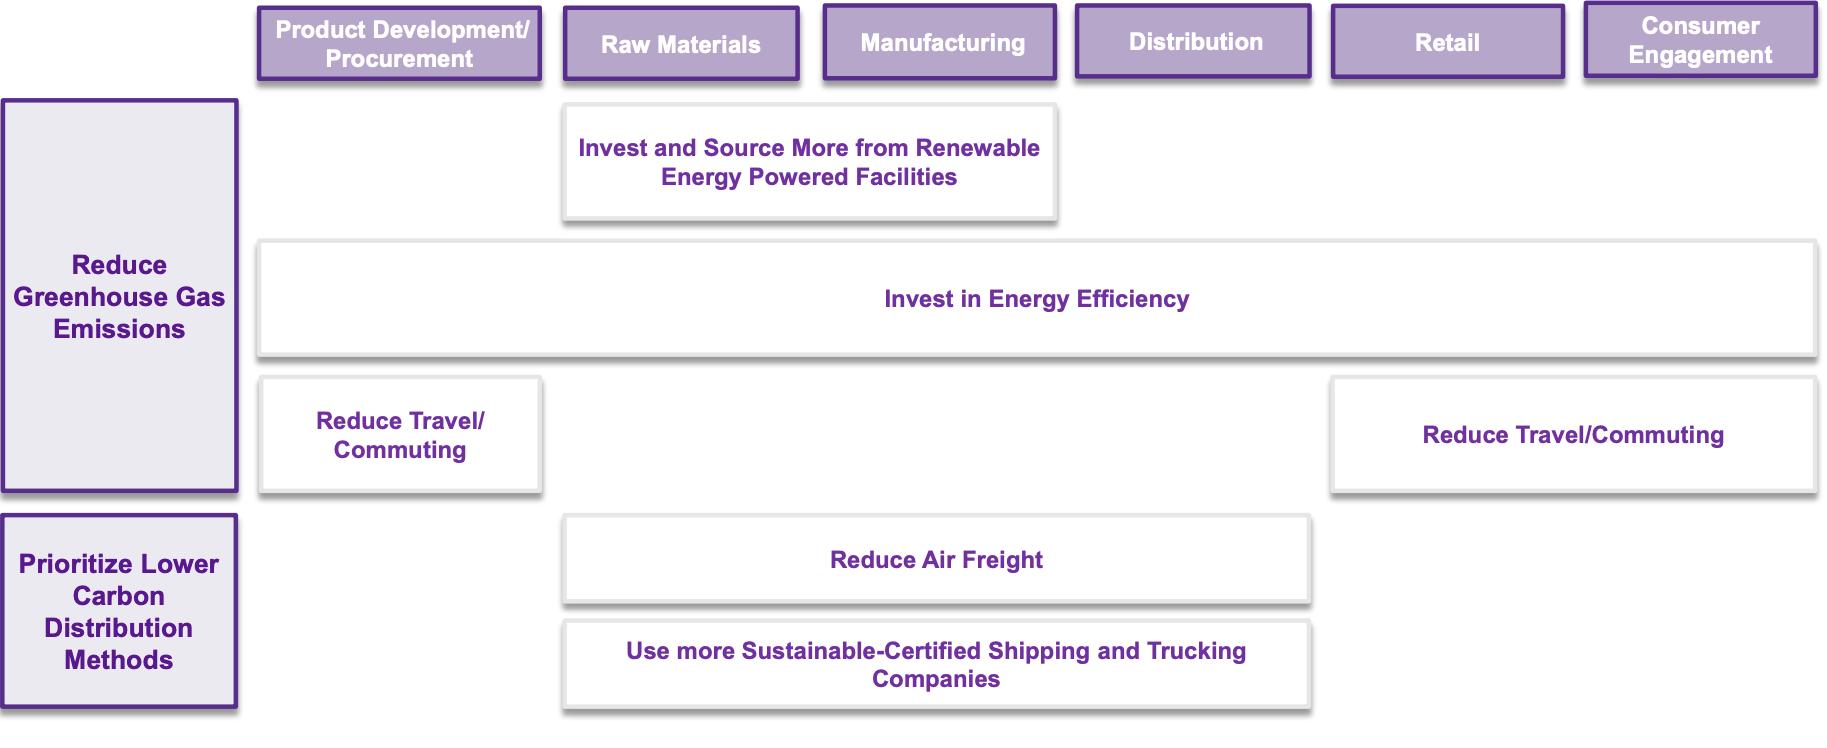 Improving Energy Management